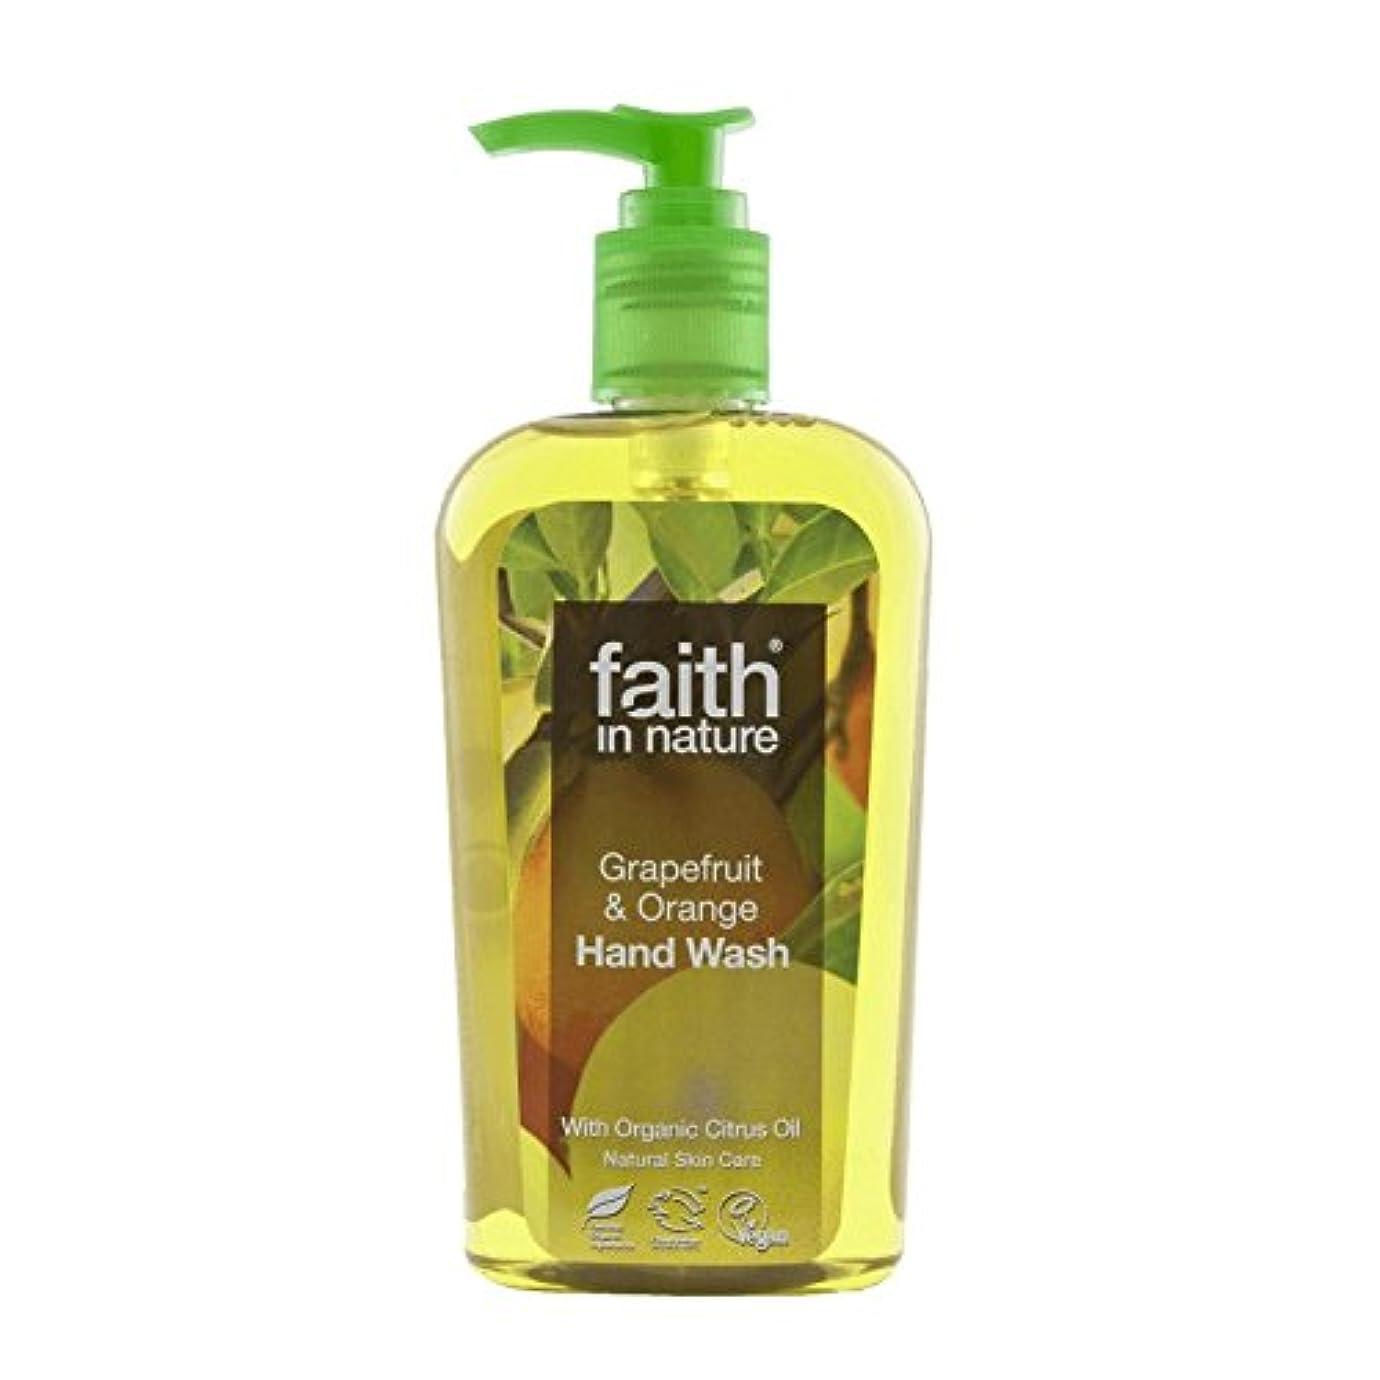 事業内容最初にベース自然グレープフルーツ&オレンジ手洗いの300ミリリットルの信仰 - Faith In Nature Grapefruit & Orange Handwash 300ml (Faith in Nature) [並行輸入品]